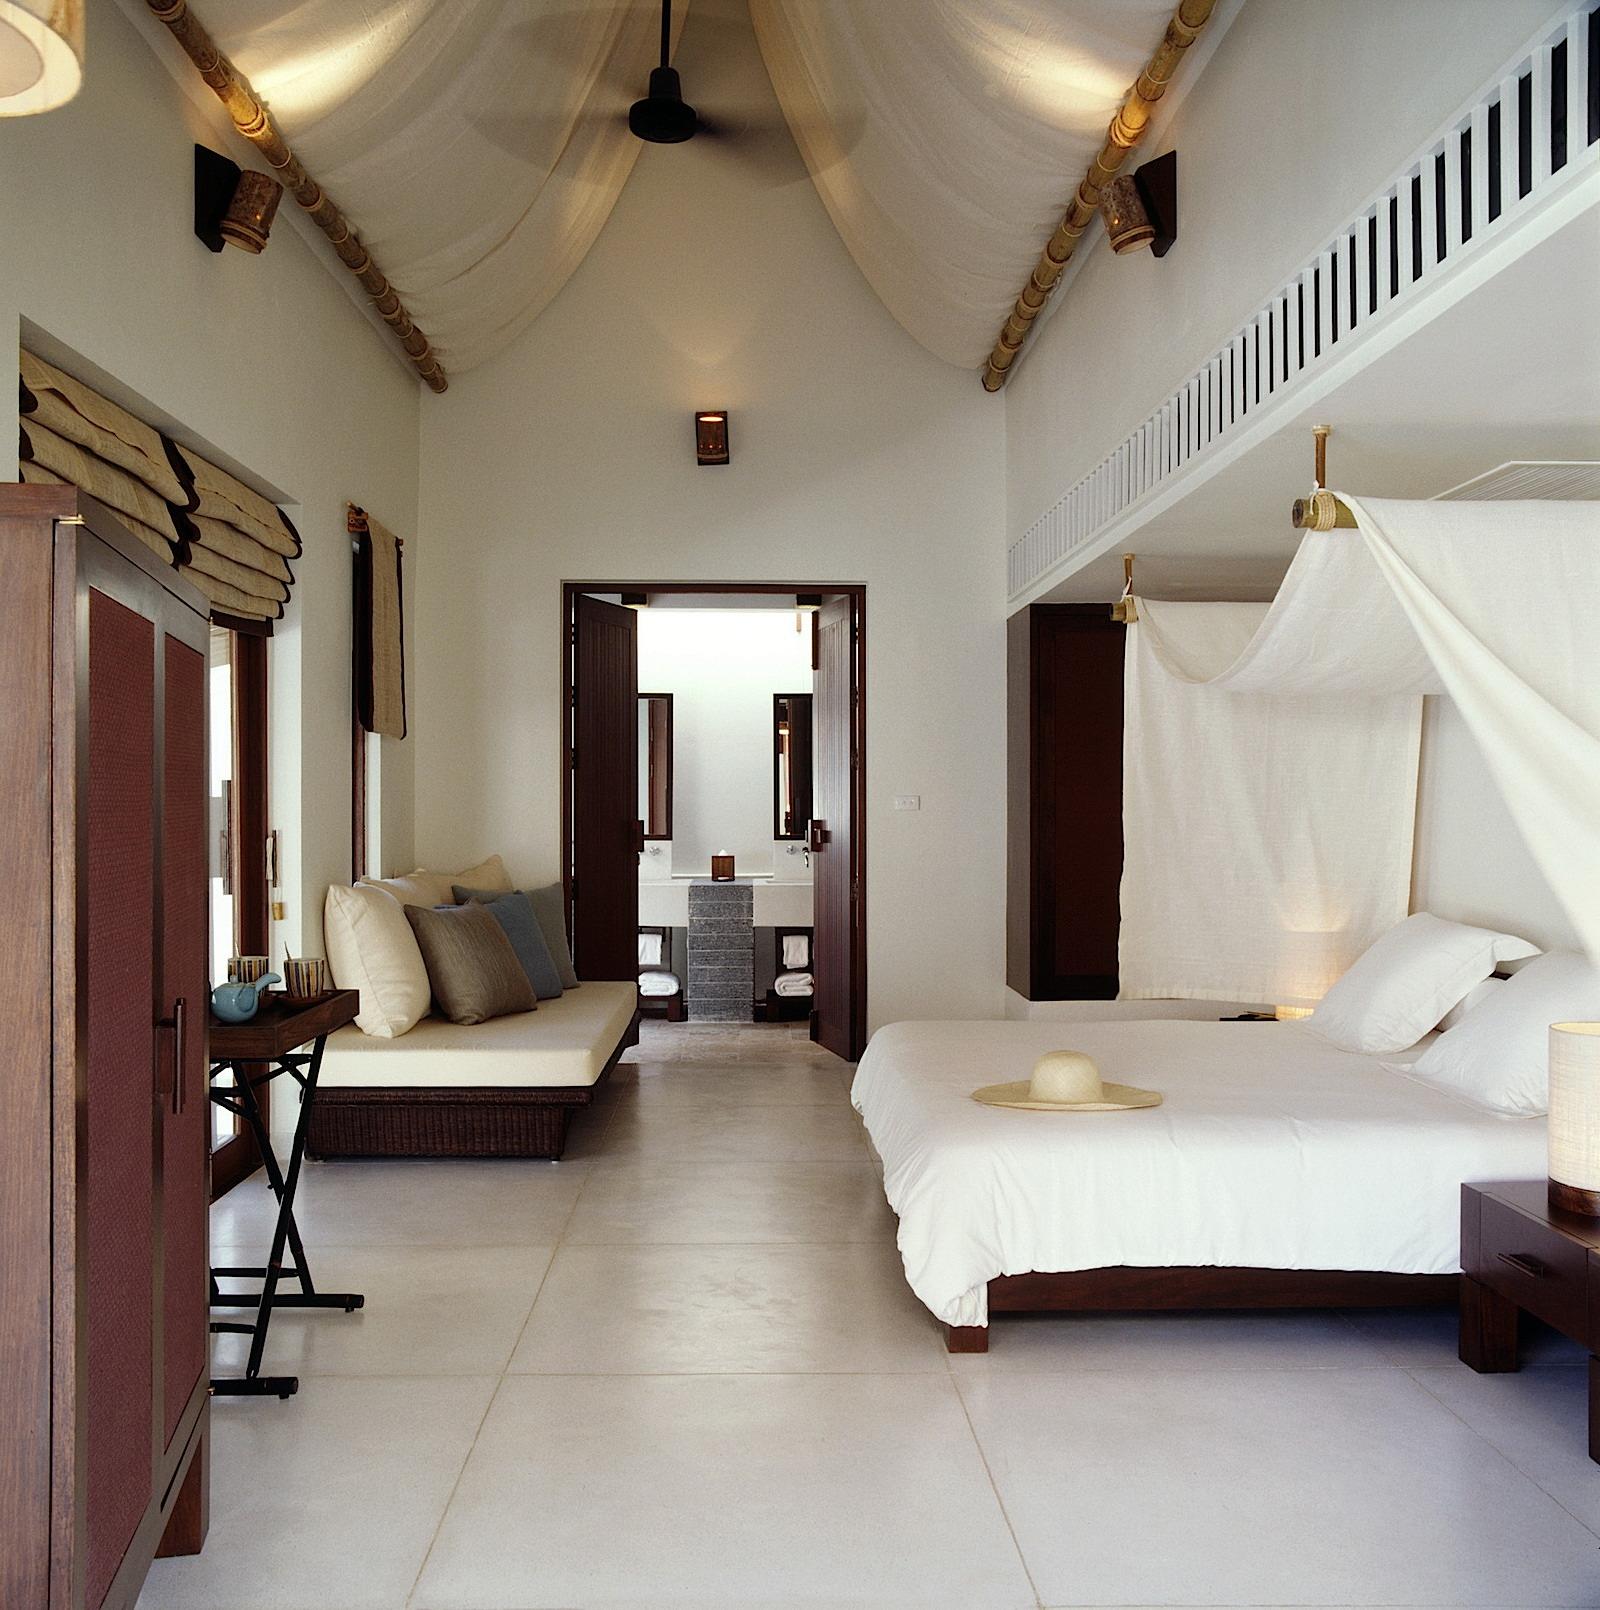 SALA Samui Resort And Spa dovolená Thajsko